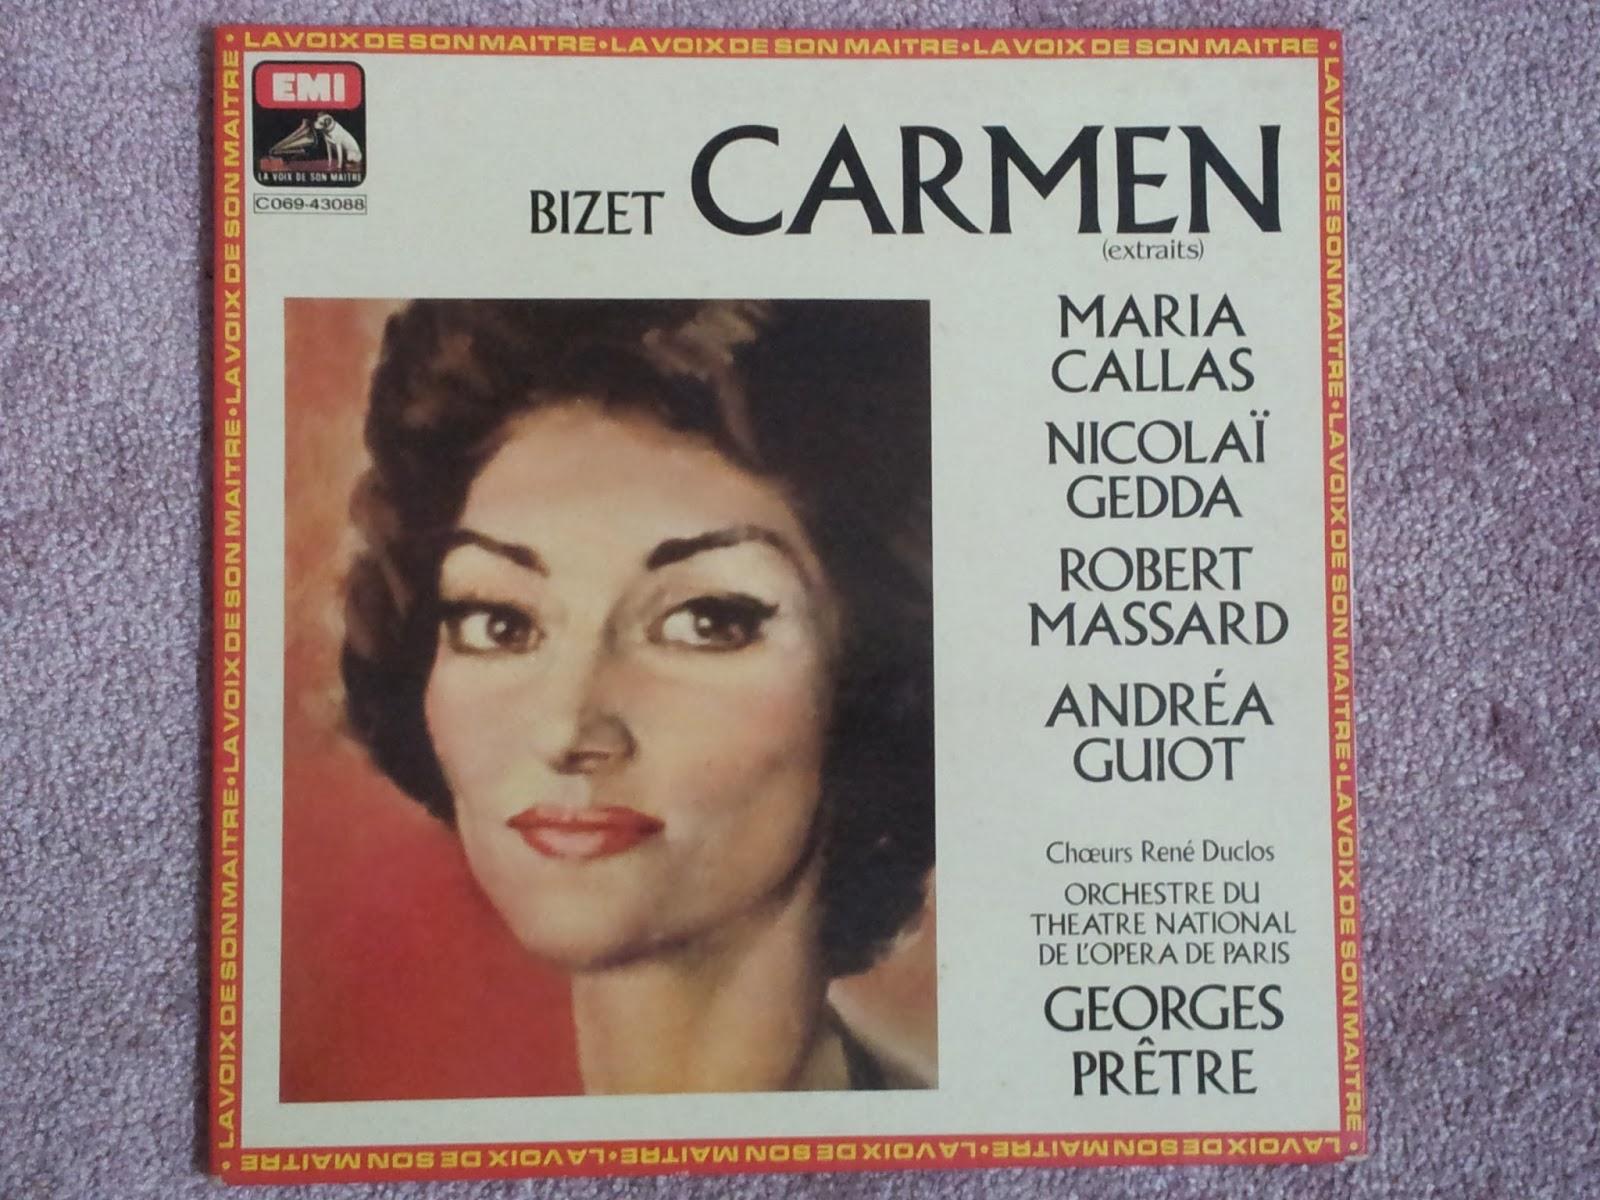 情有獨鐘: 愛情是隻難馴的飛鳥--記世紀女高音卡拉絲的歌劇人生